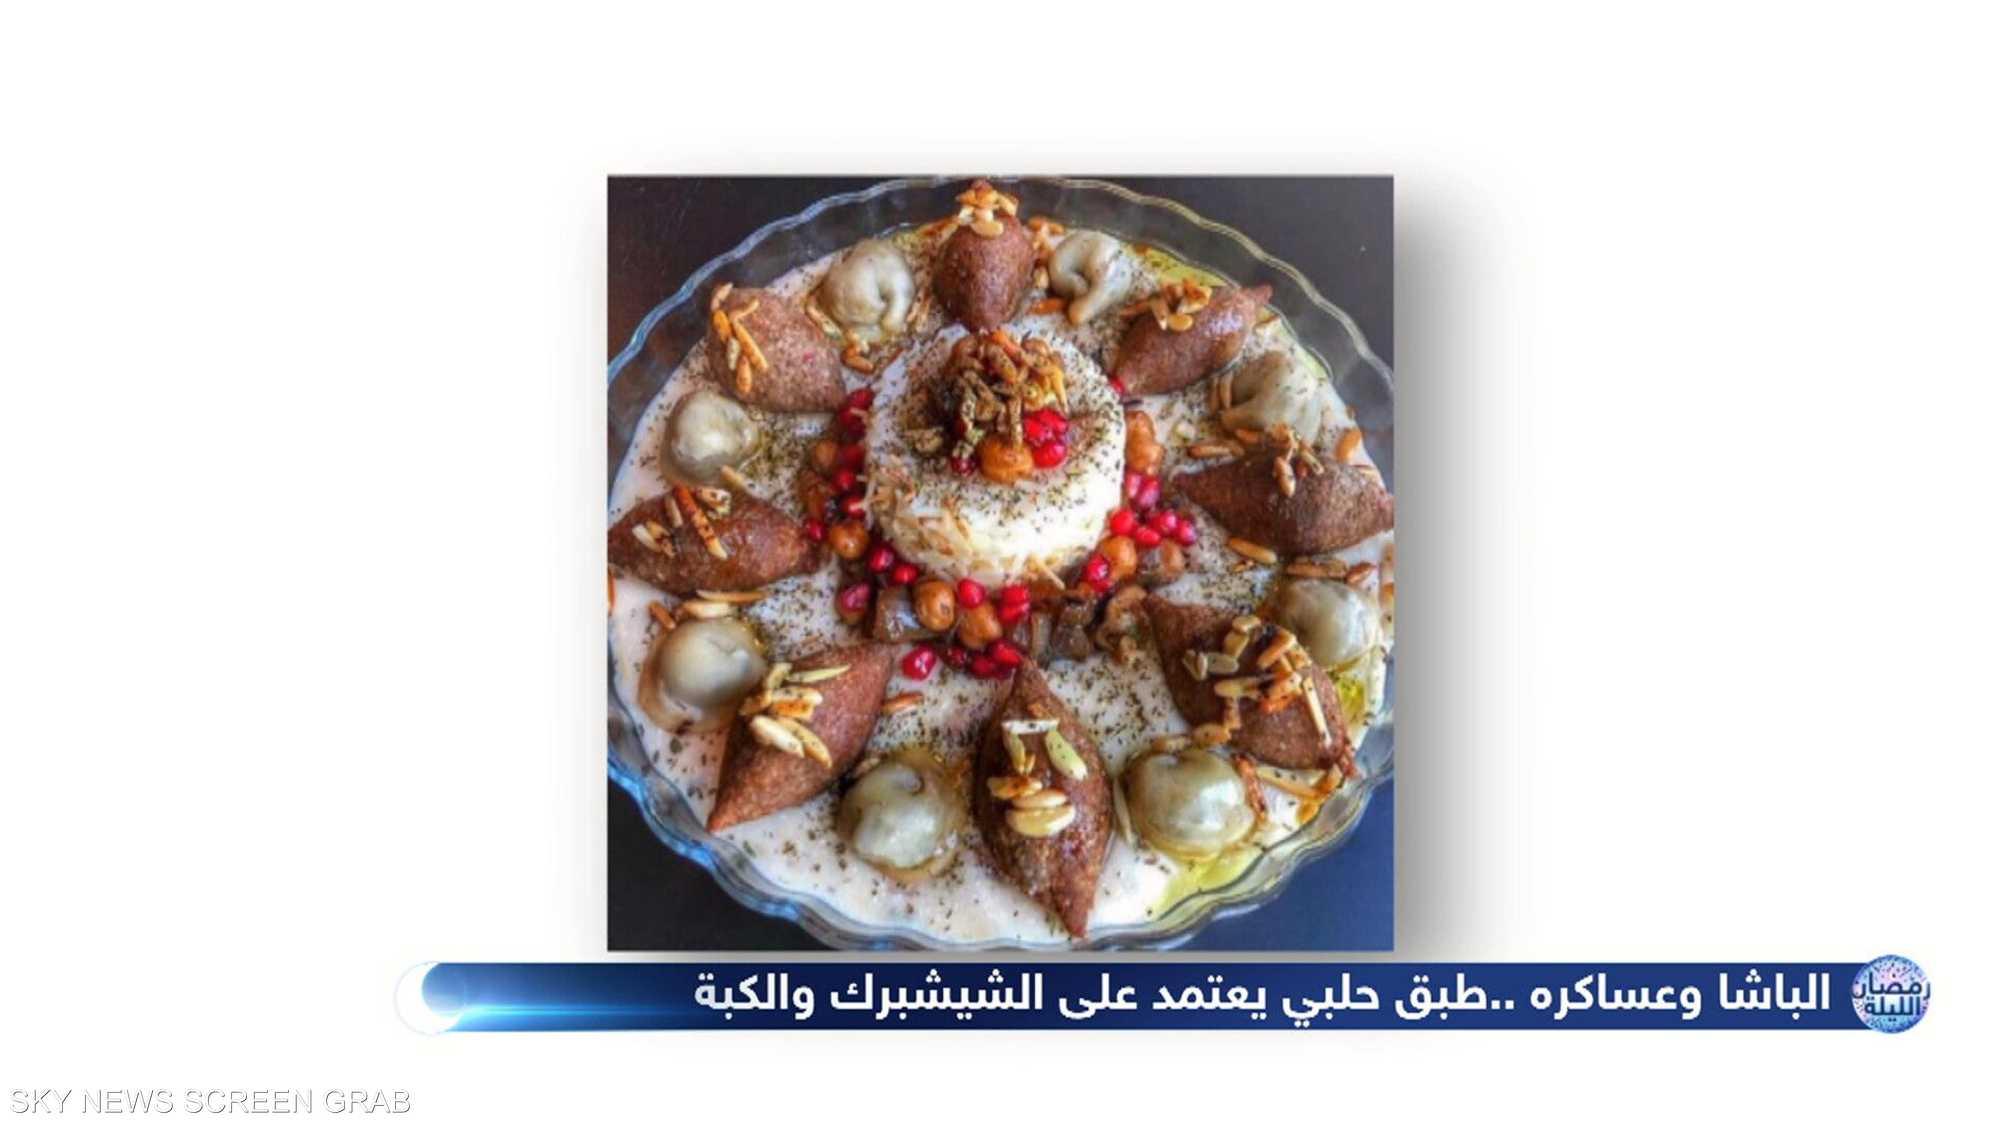 الباشا وعساكره.. مزيج شهي من طبقين مشهورين في حلب